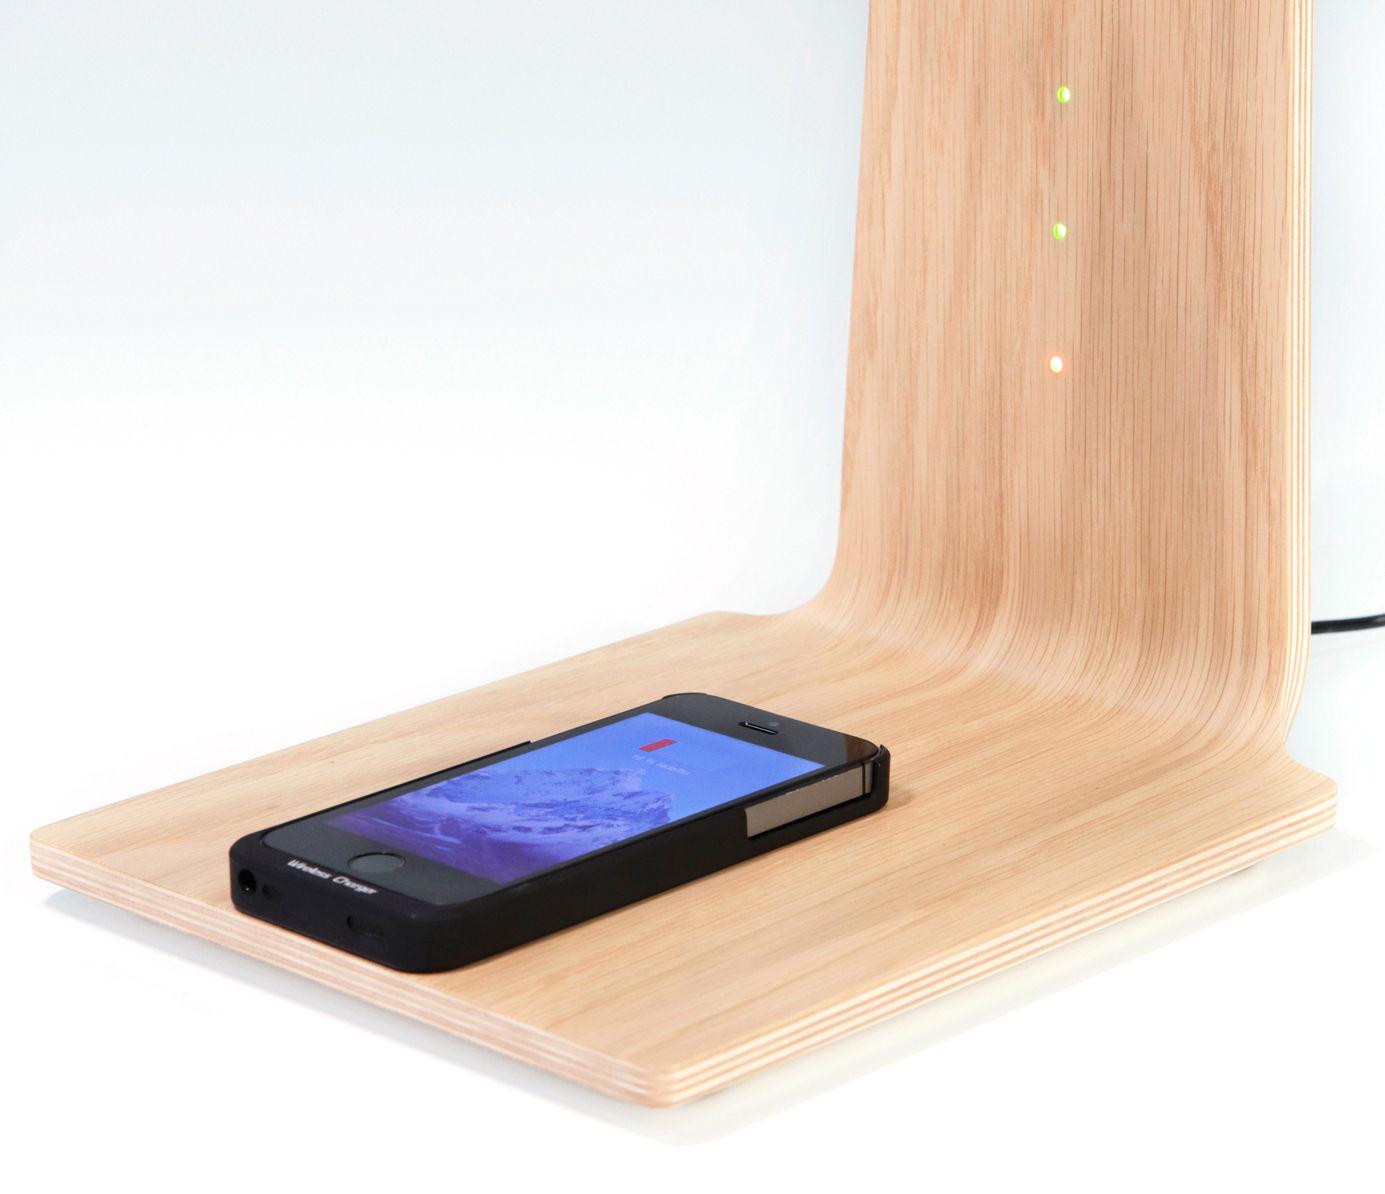 led8 kabellose smartphone ladestation tunto lampe ohne kabel. Black Bedroom Furniture Sets. Home Design Ideas